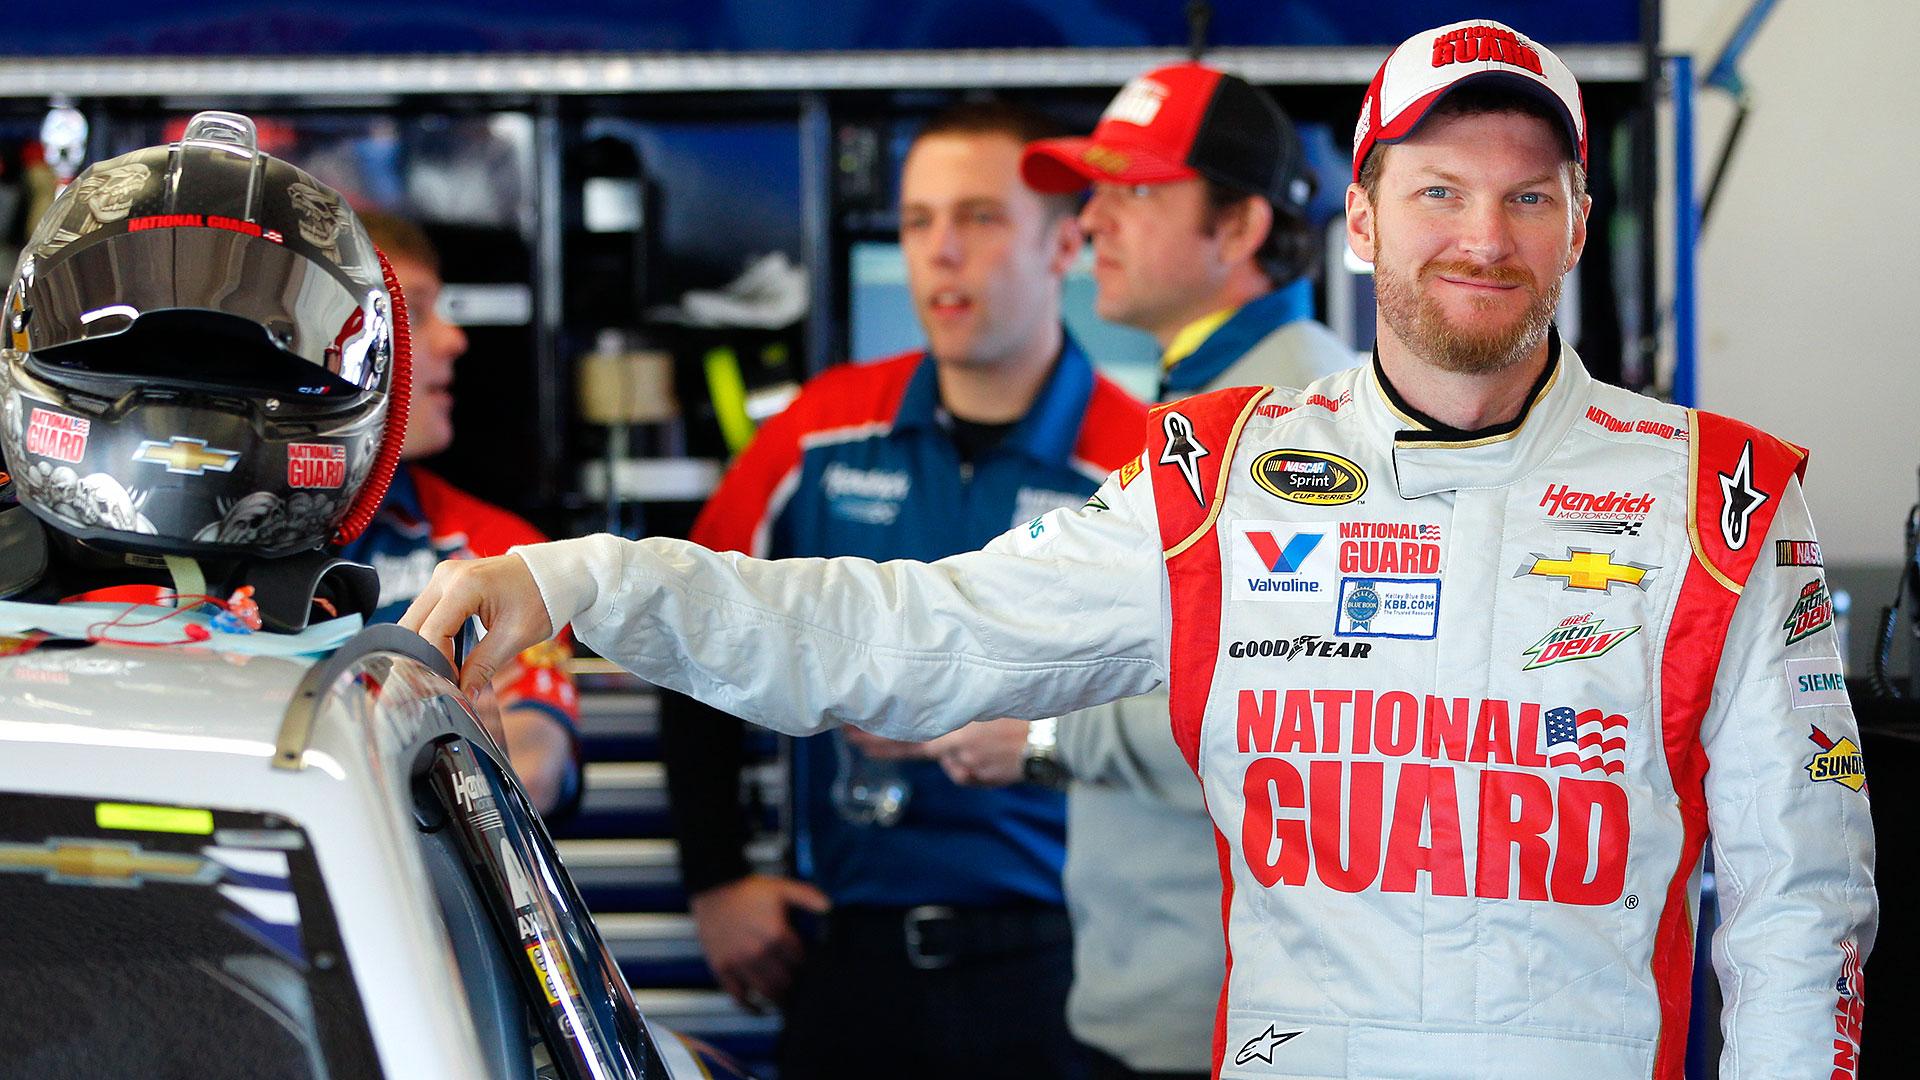 NASCAR-Earnhardt11-040114-AP-FTR